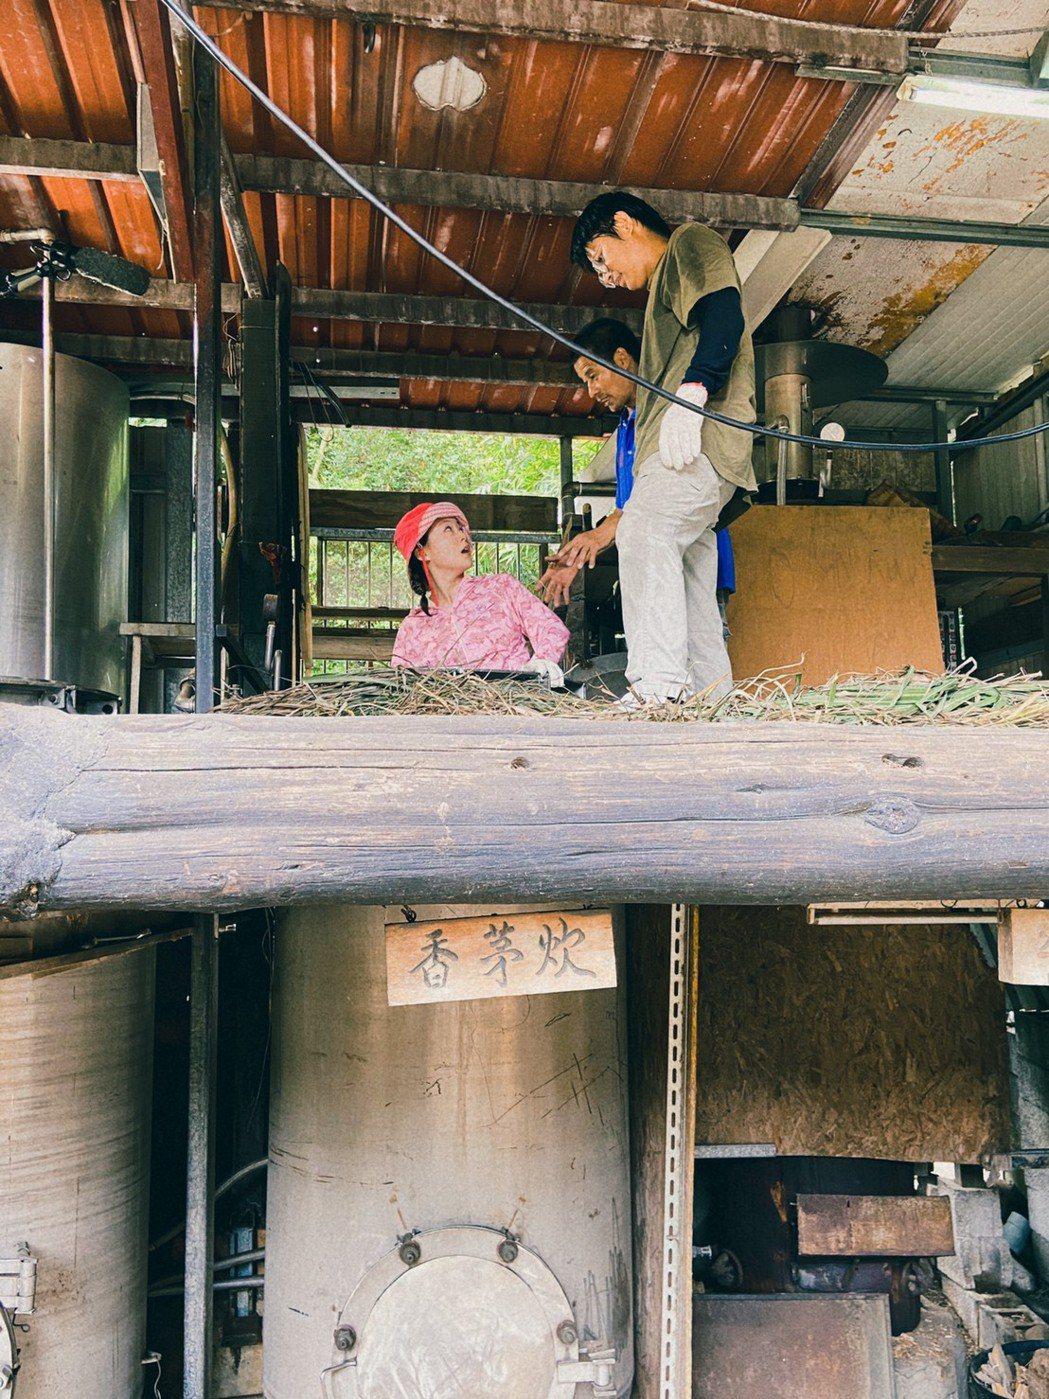 楊小黎在蒸餾爐內體驗煉油作業。圖/三立提供